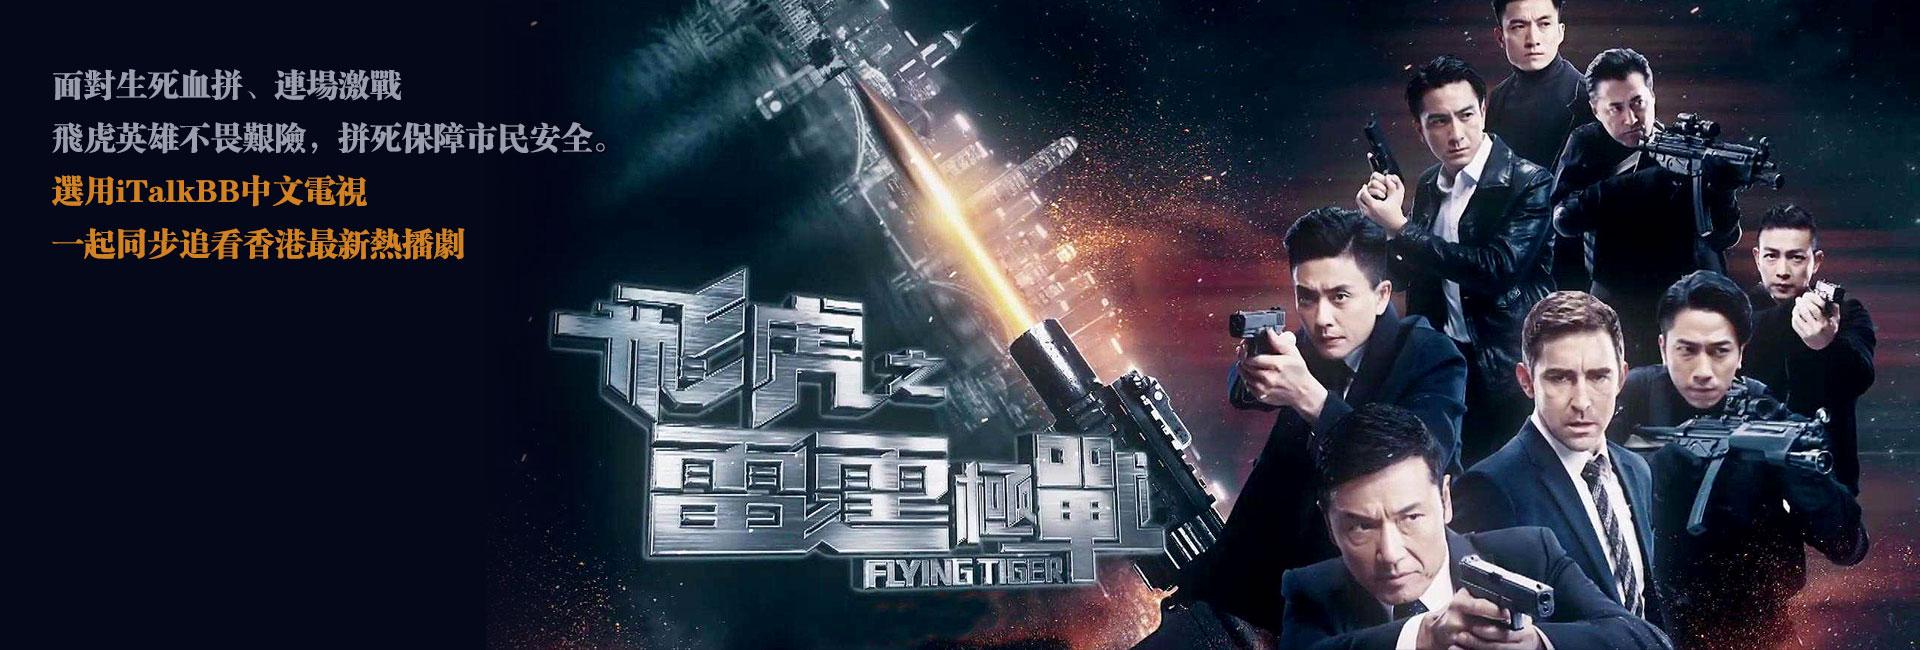 iTalkBB中文電視   產品計劃